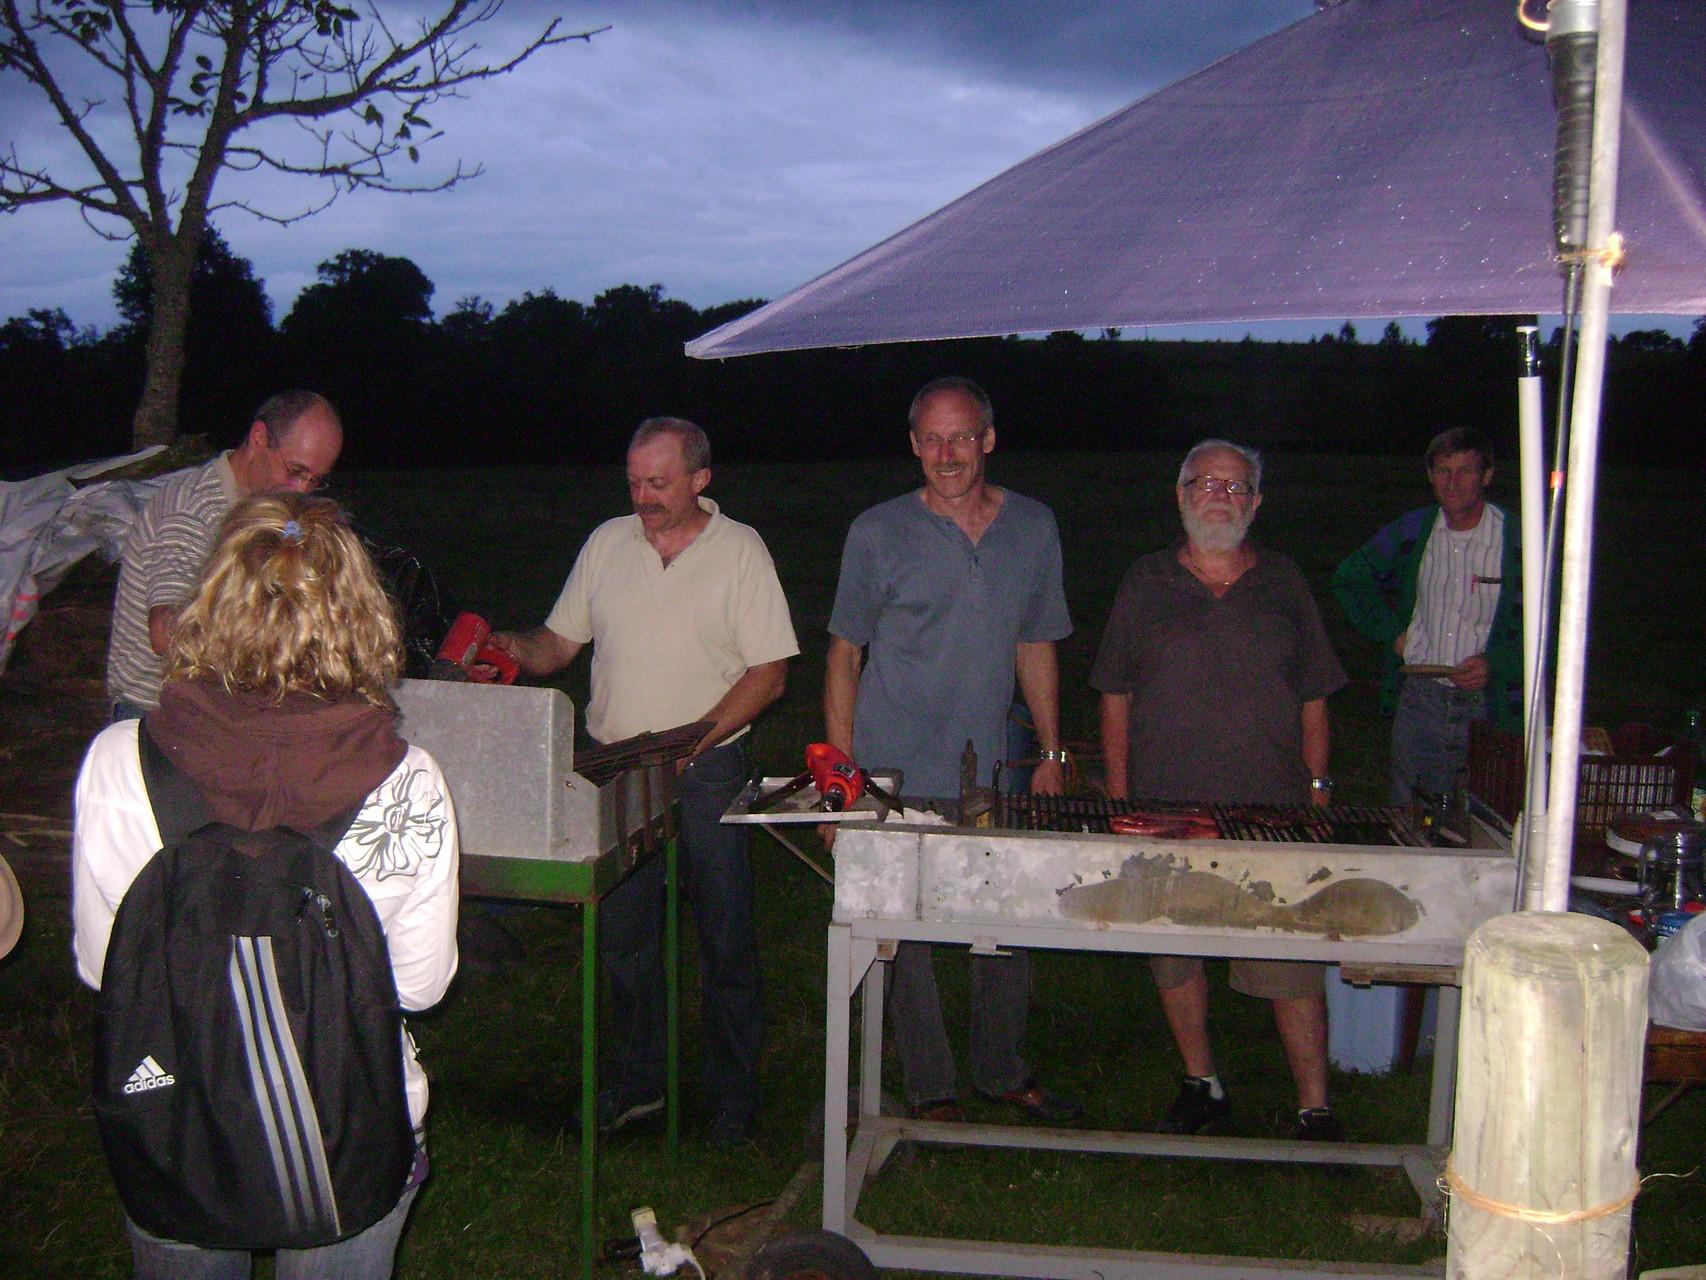 Les barbecues sont prêts à recevoir saucisses, côtes, grillades